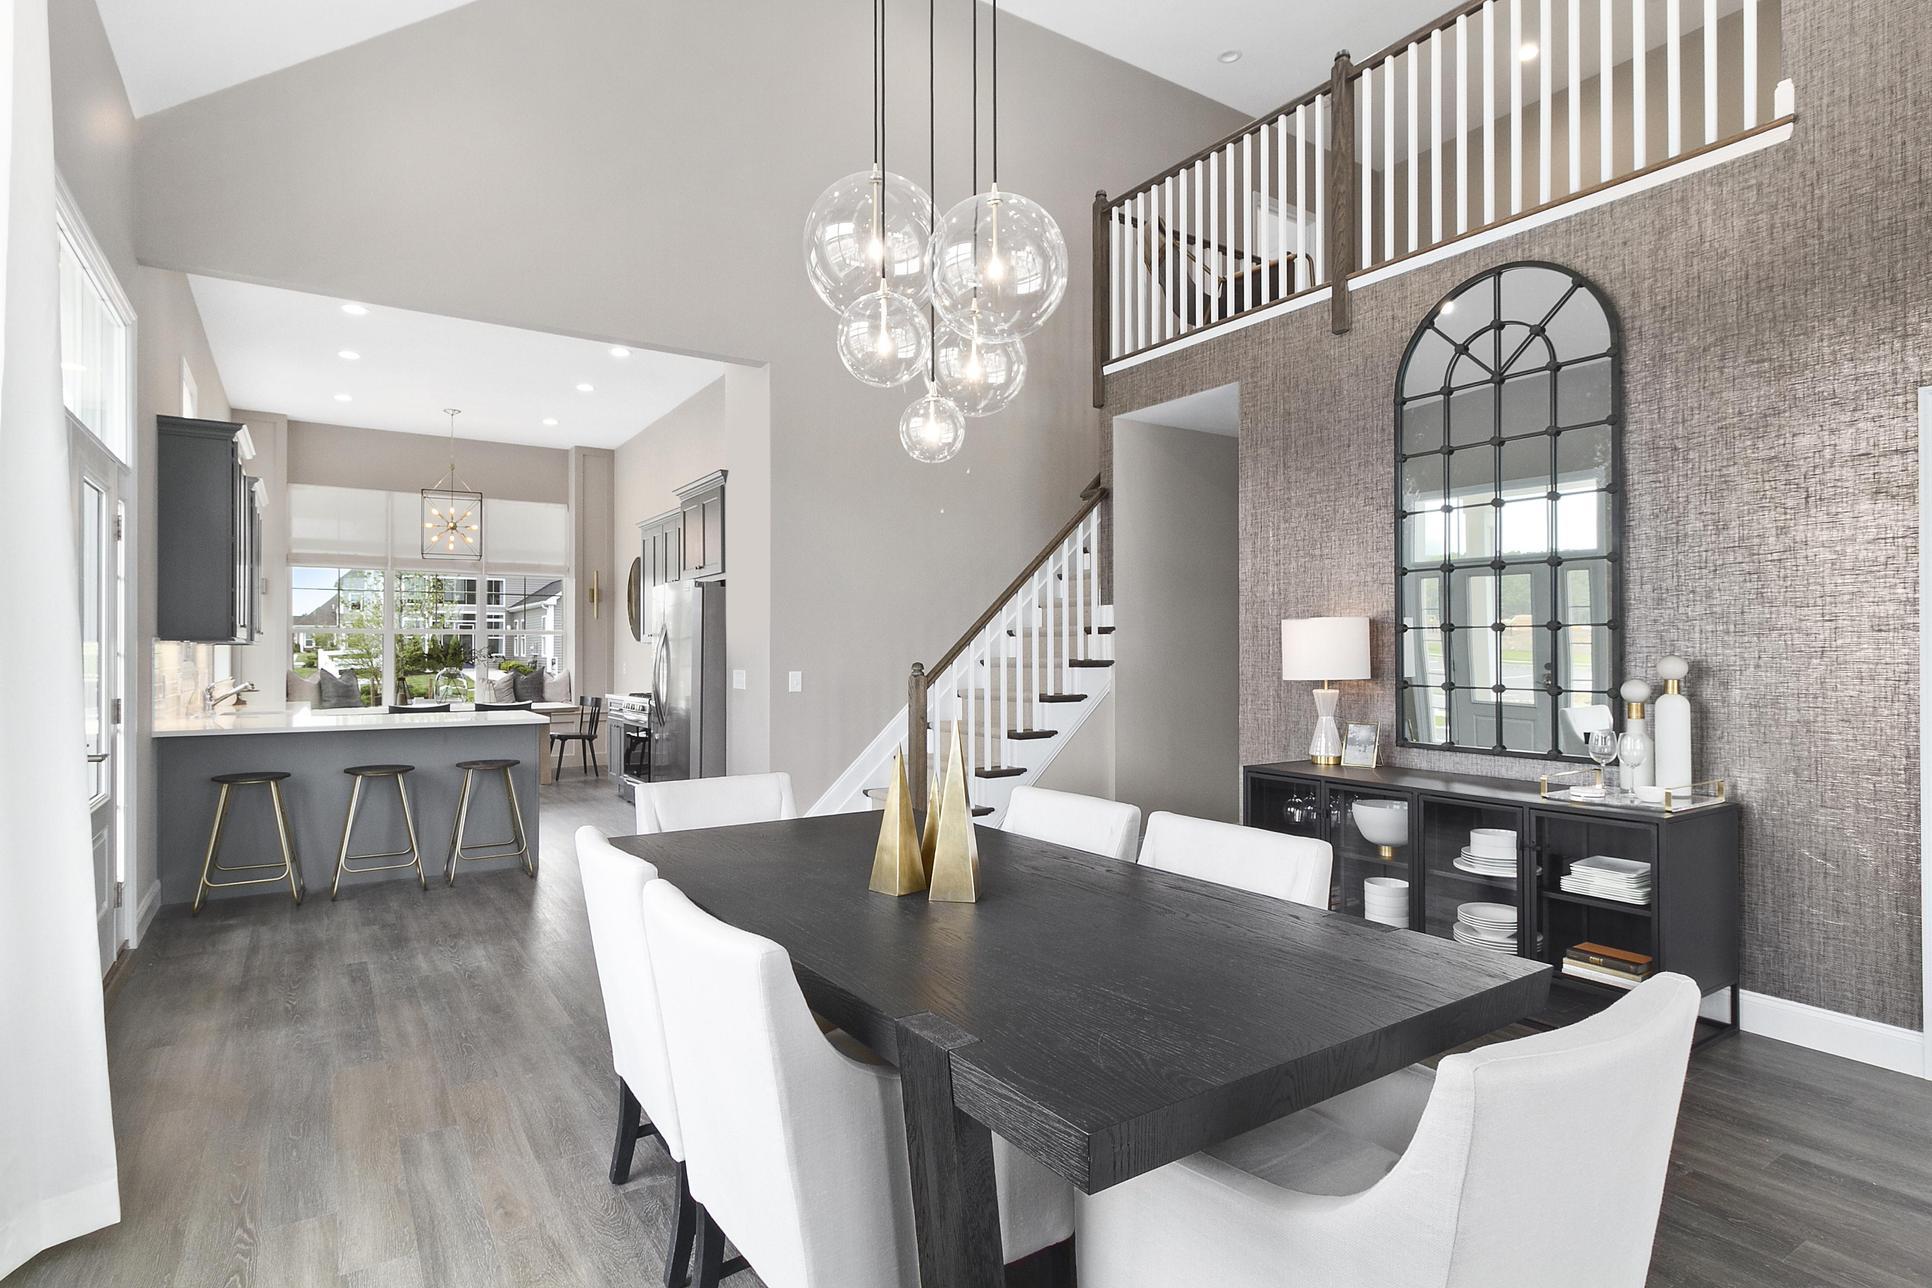 Interior:Dining & Kitchen